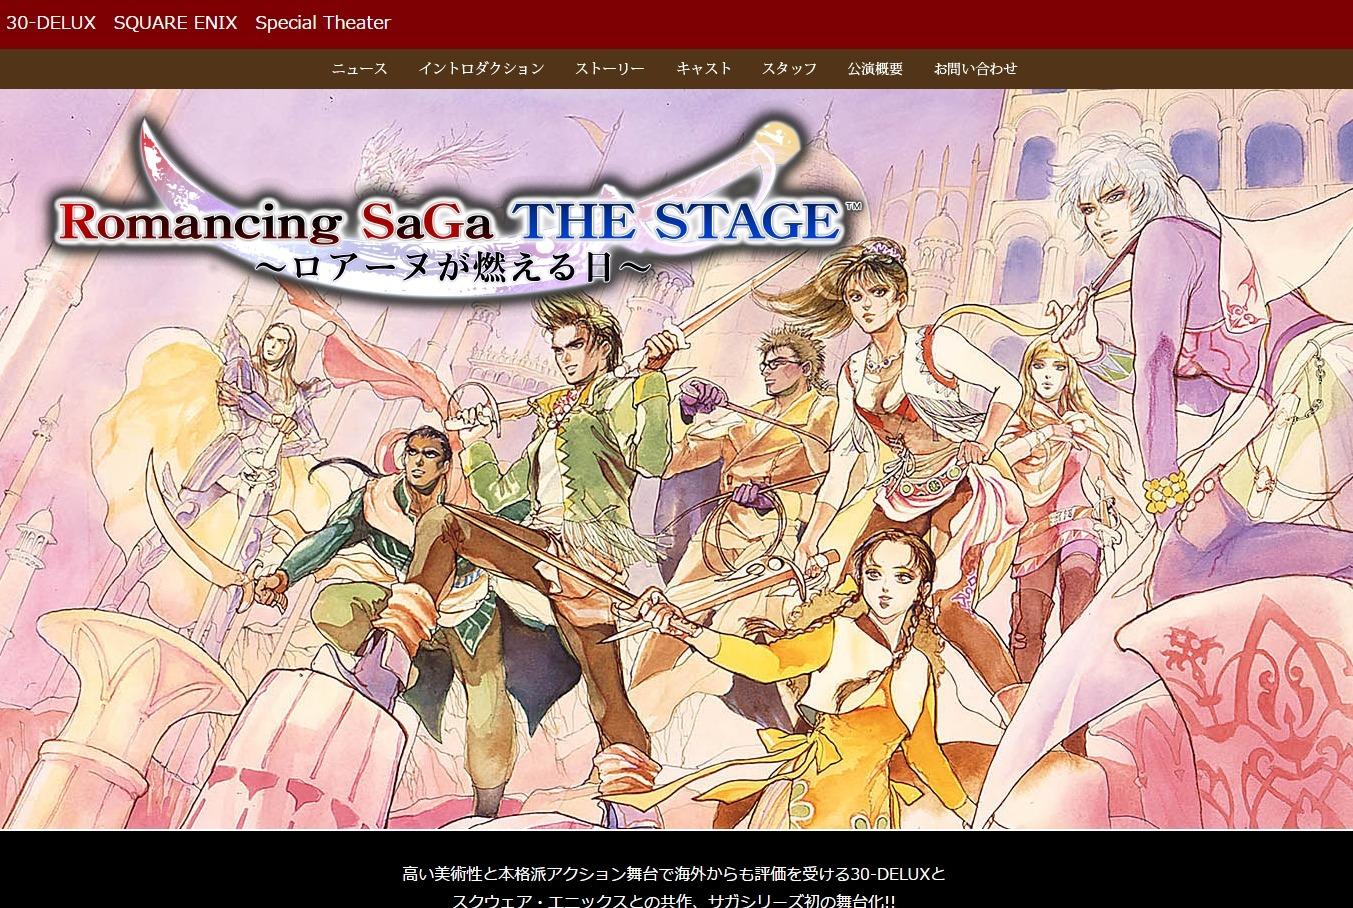 舞台 サガ は ロマサガ3 が題材になると明らかに ミカエル